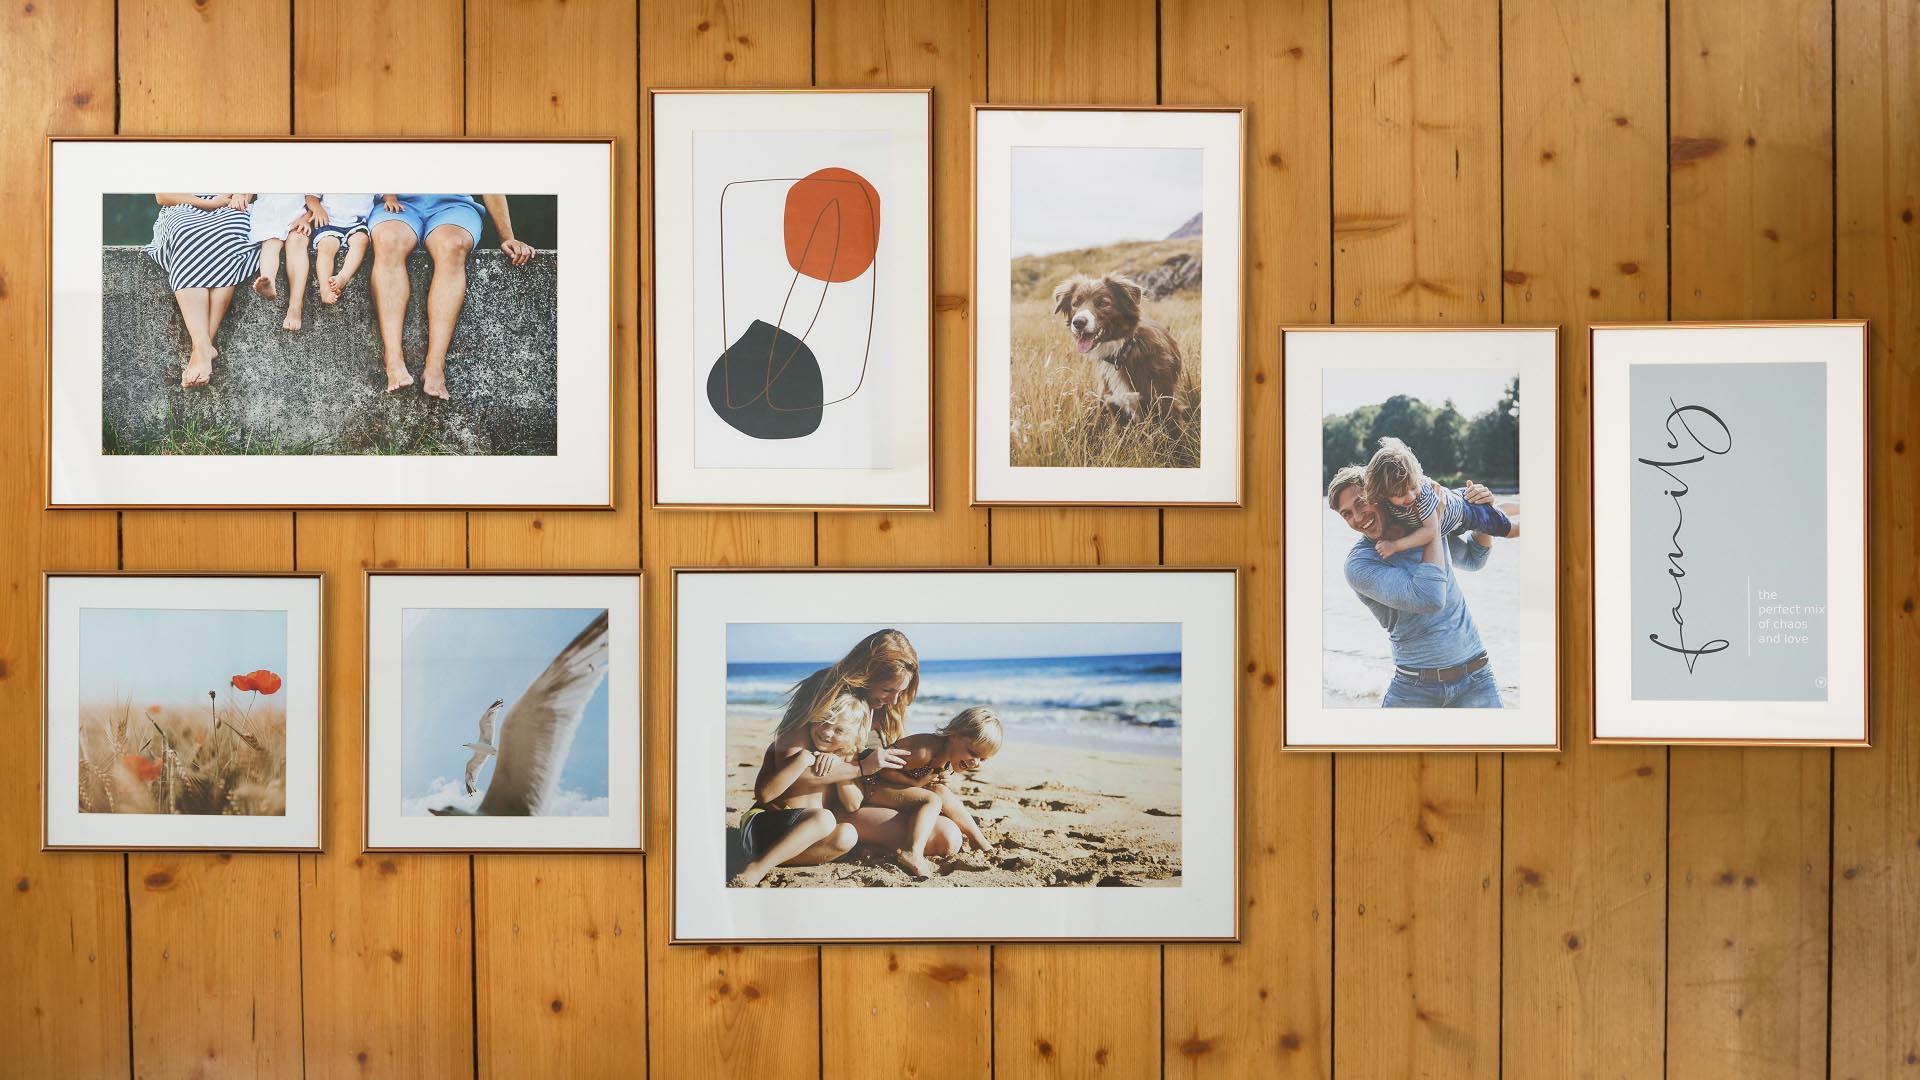 Acht Bilder liegen in einer harmonischen Anordnung auf dem Boden